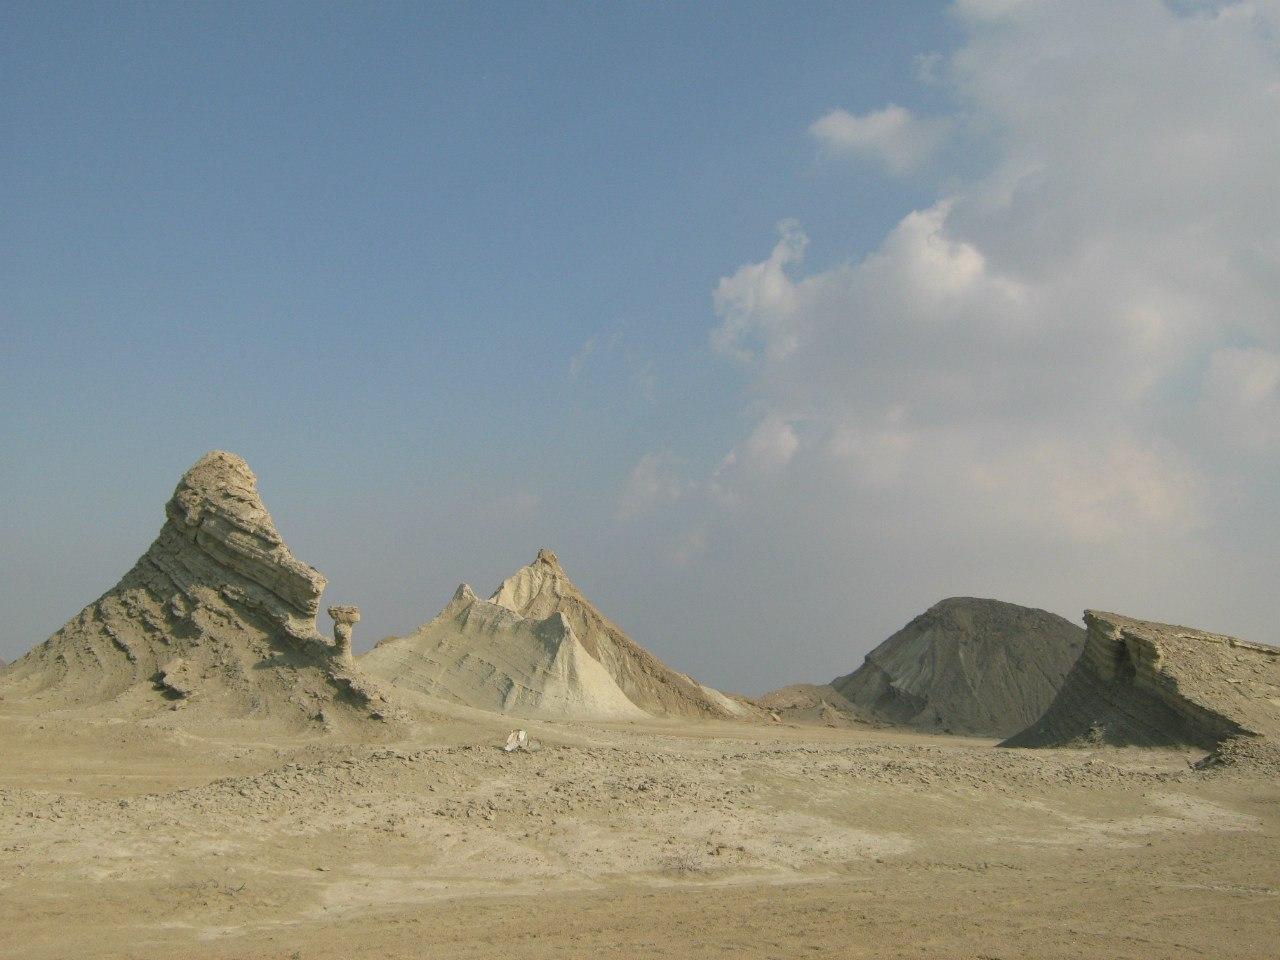 Геологические образования близ Лафт на Кешм